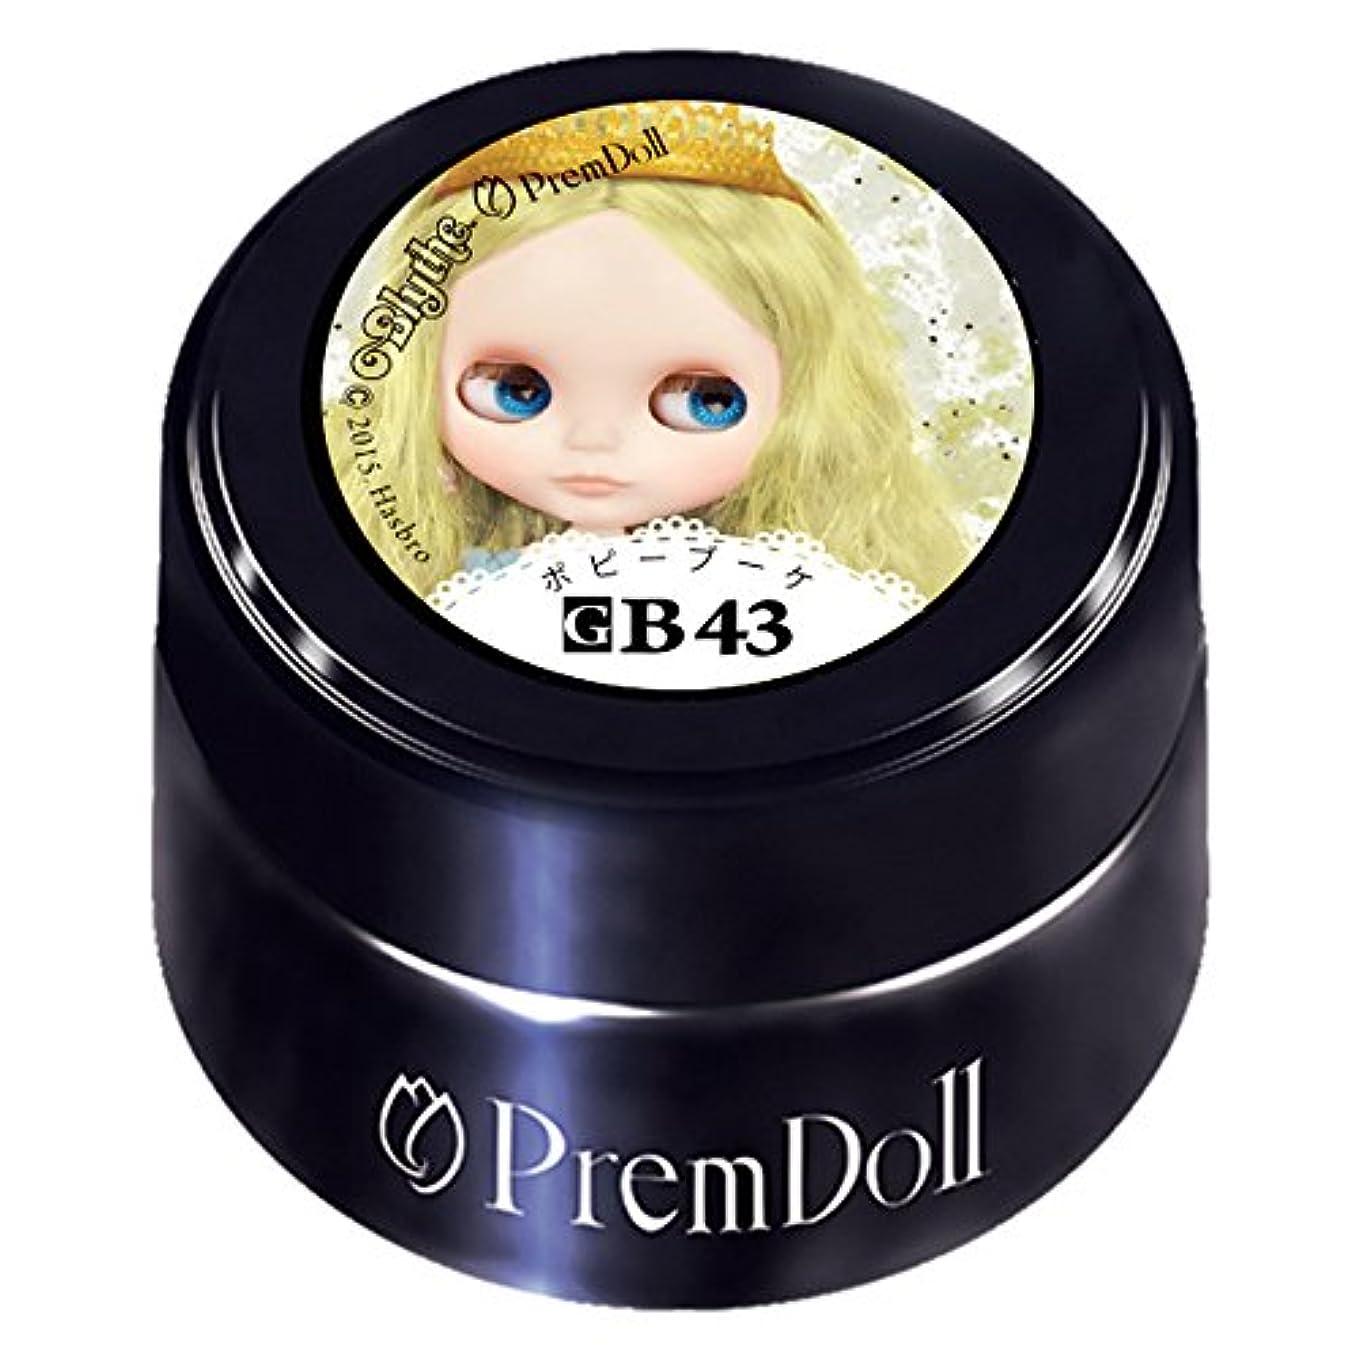 レモンバースコミットプリムドール ポピーブーケ 3g DOLL-B43